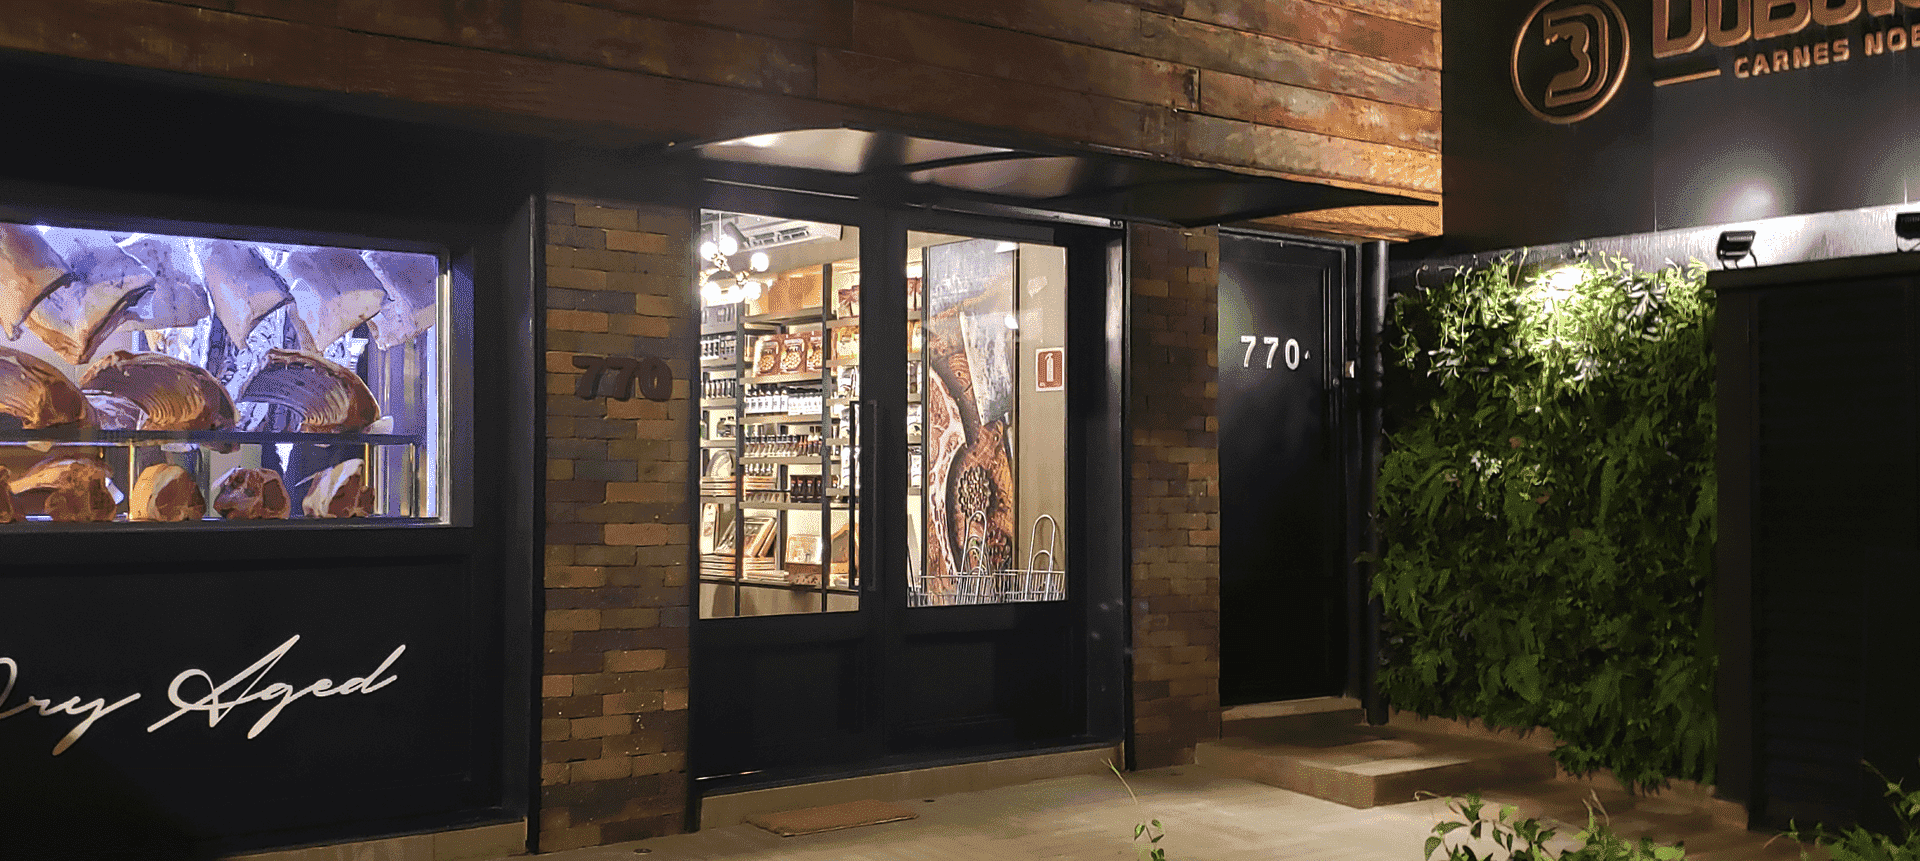 Imagem de uma fachada de loja em madeira. No canto esquerdo observa-se uma vitrine com diversas peças de carne na vitrine dry aged.